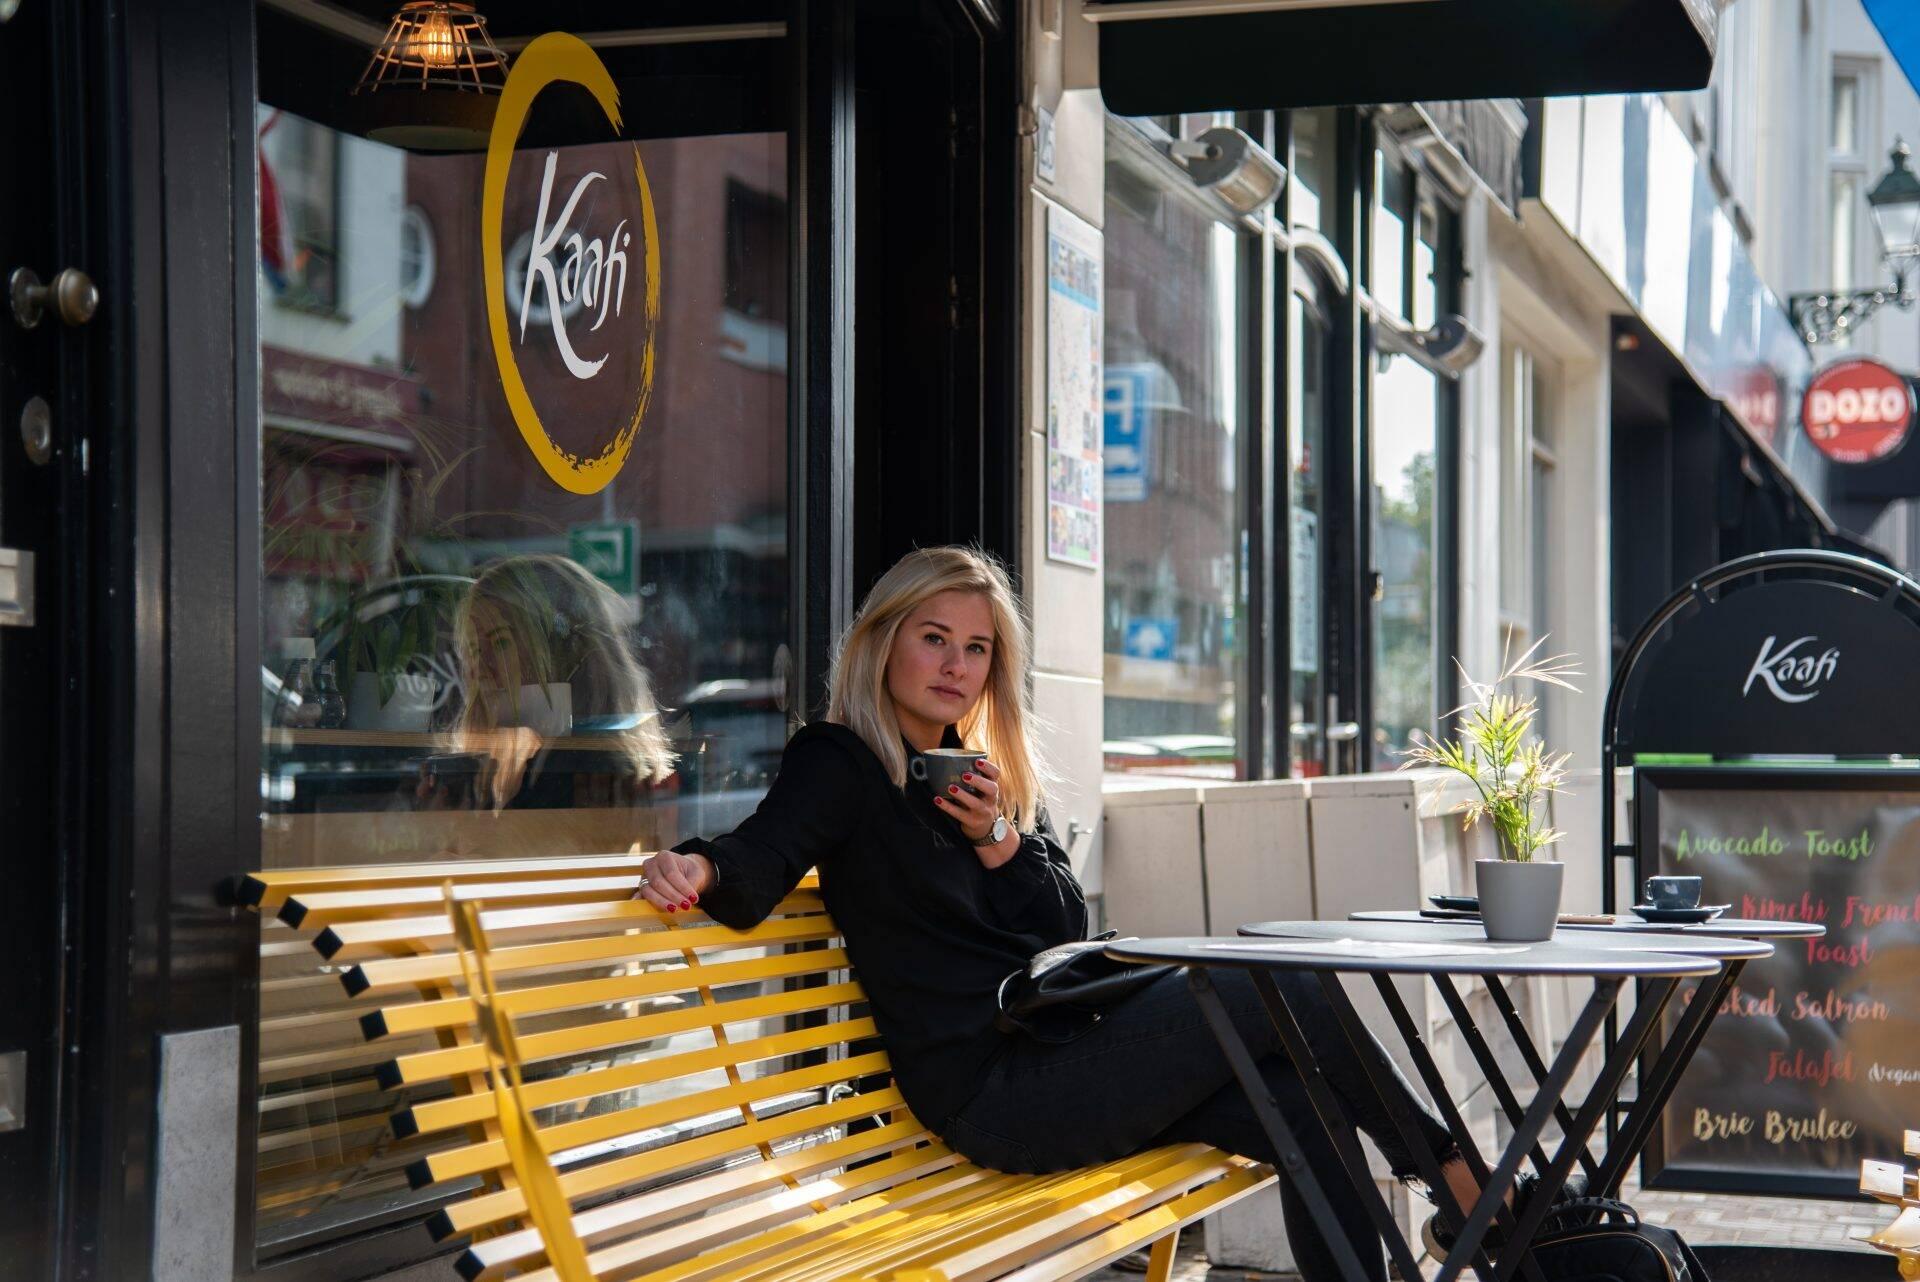 Prinsjesdag met koffie in Den Haag 👑